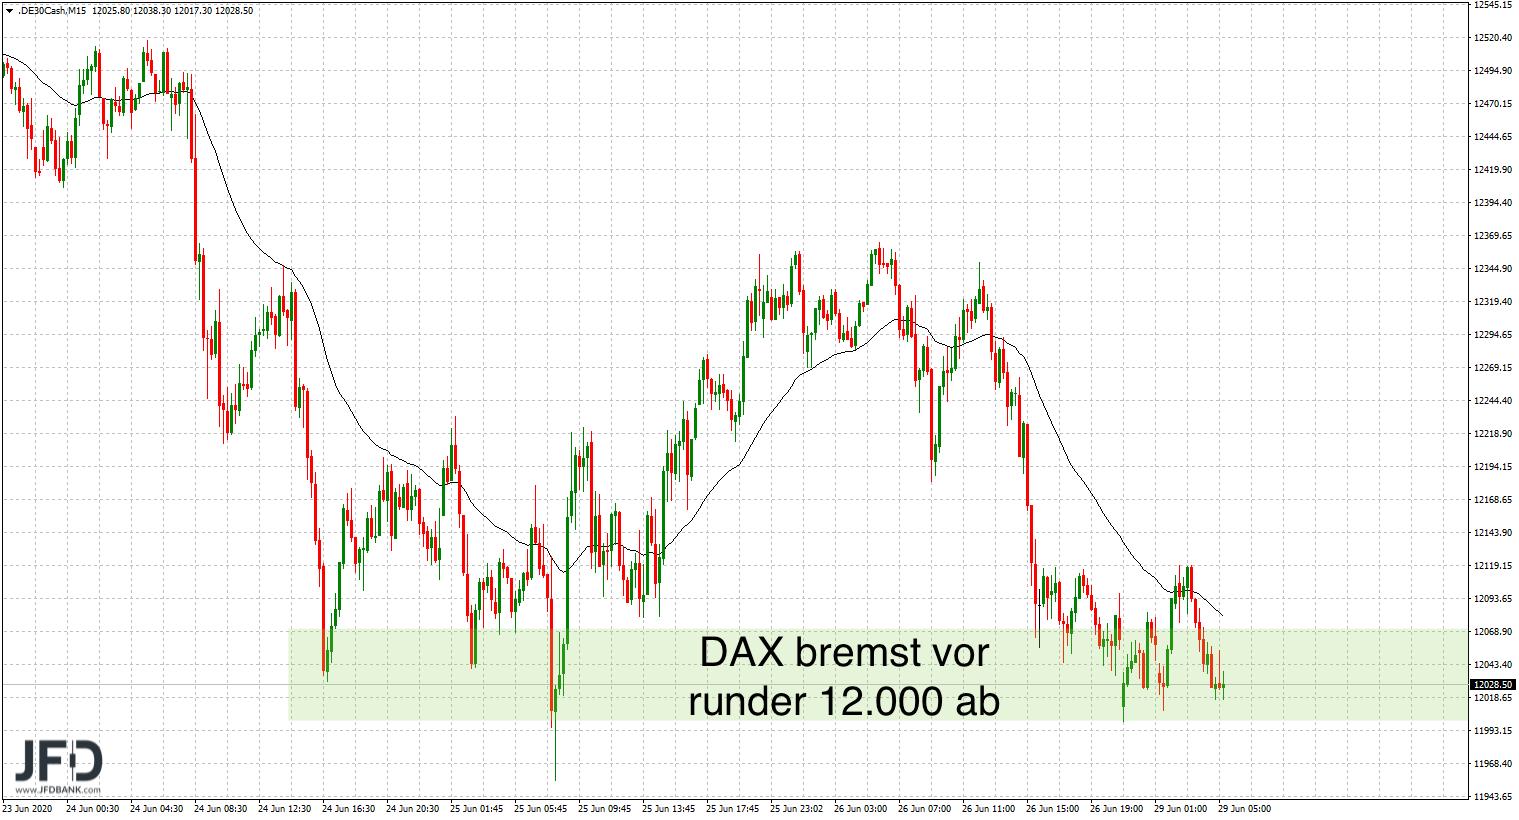 Test-der-12-000-im-DAX-zum-Wochenstart-Kommentar-JFD-Bank-GodmodeTrader.de-6